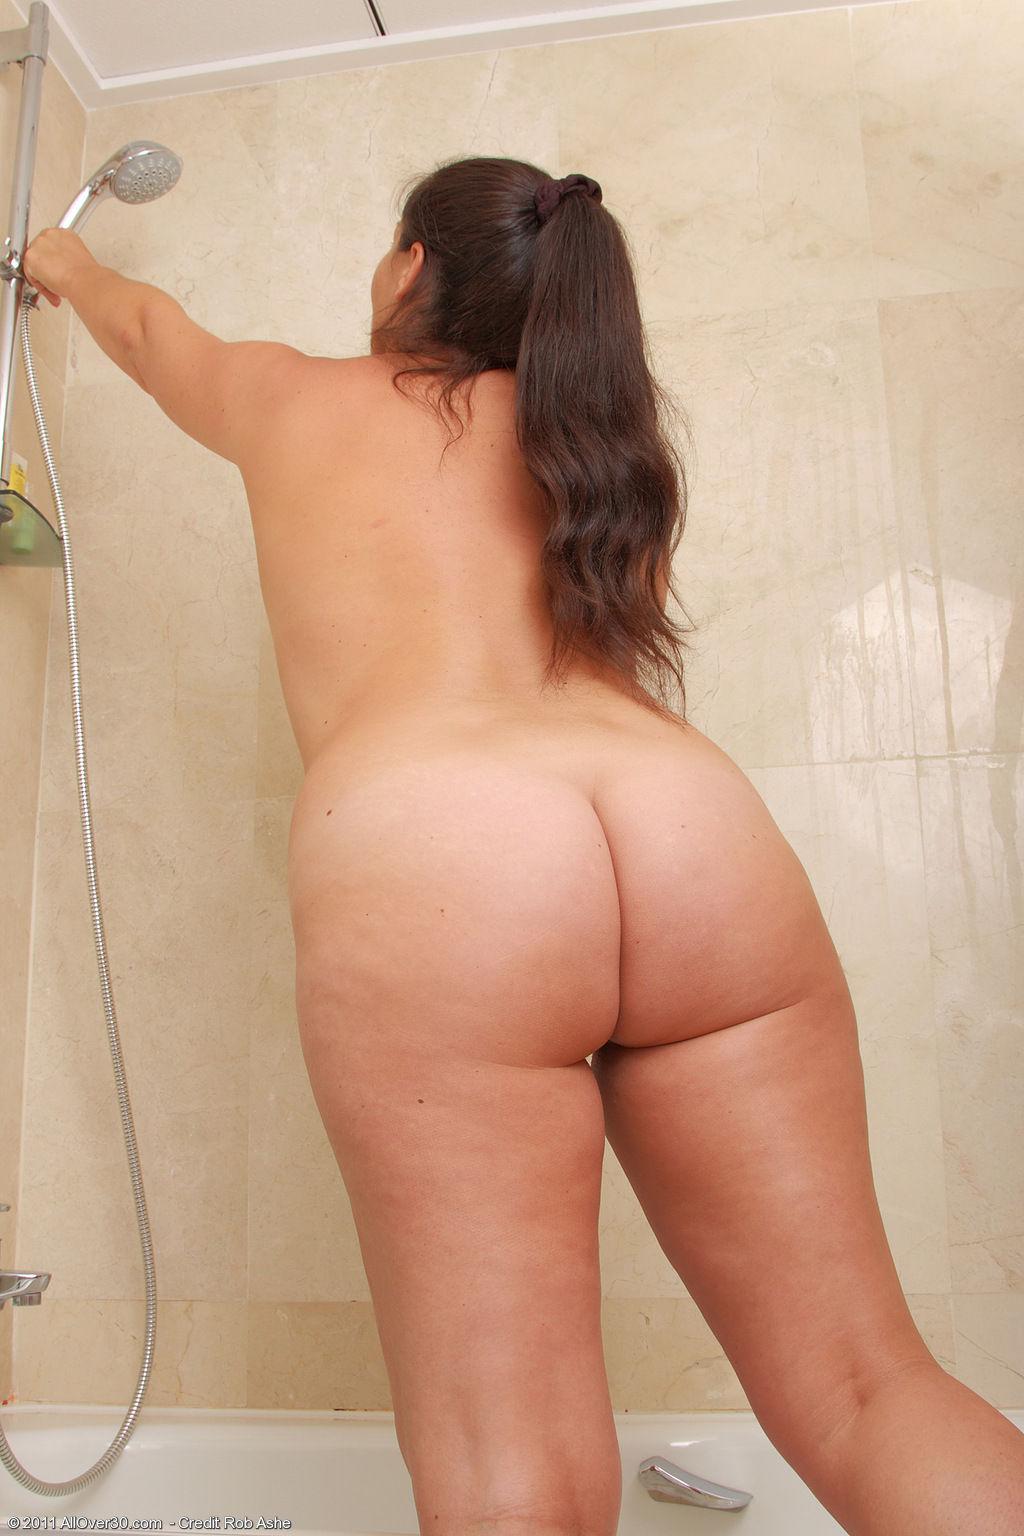 Растянулись голая попа жирной женщины станет мужем